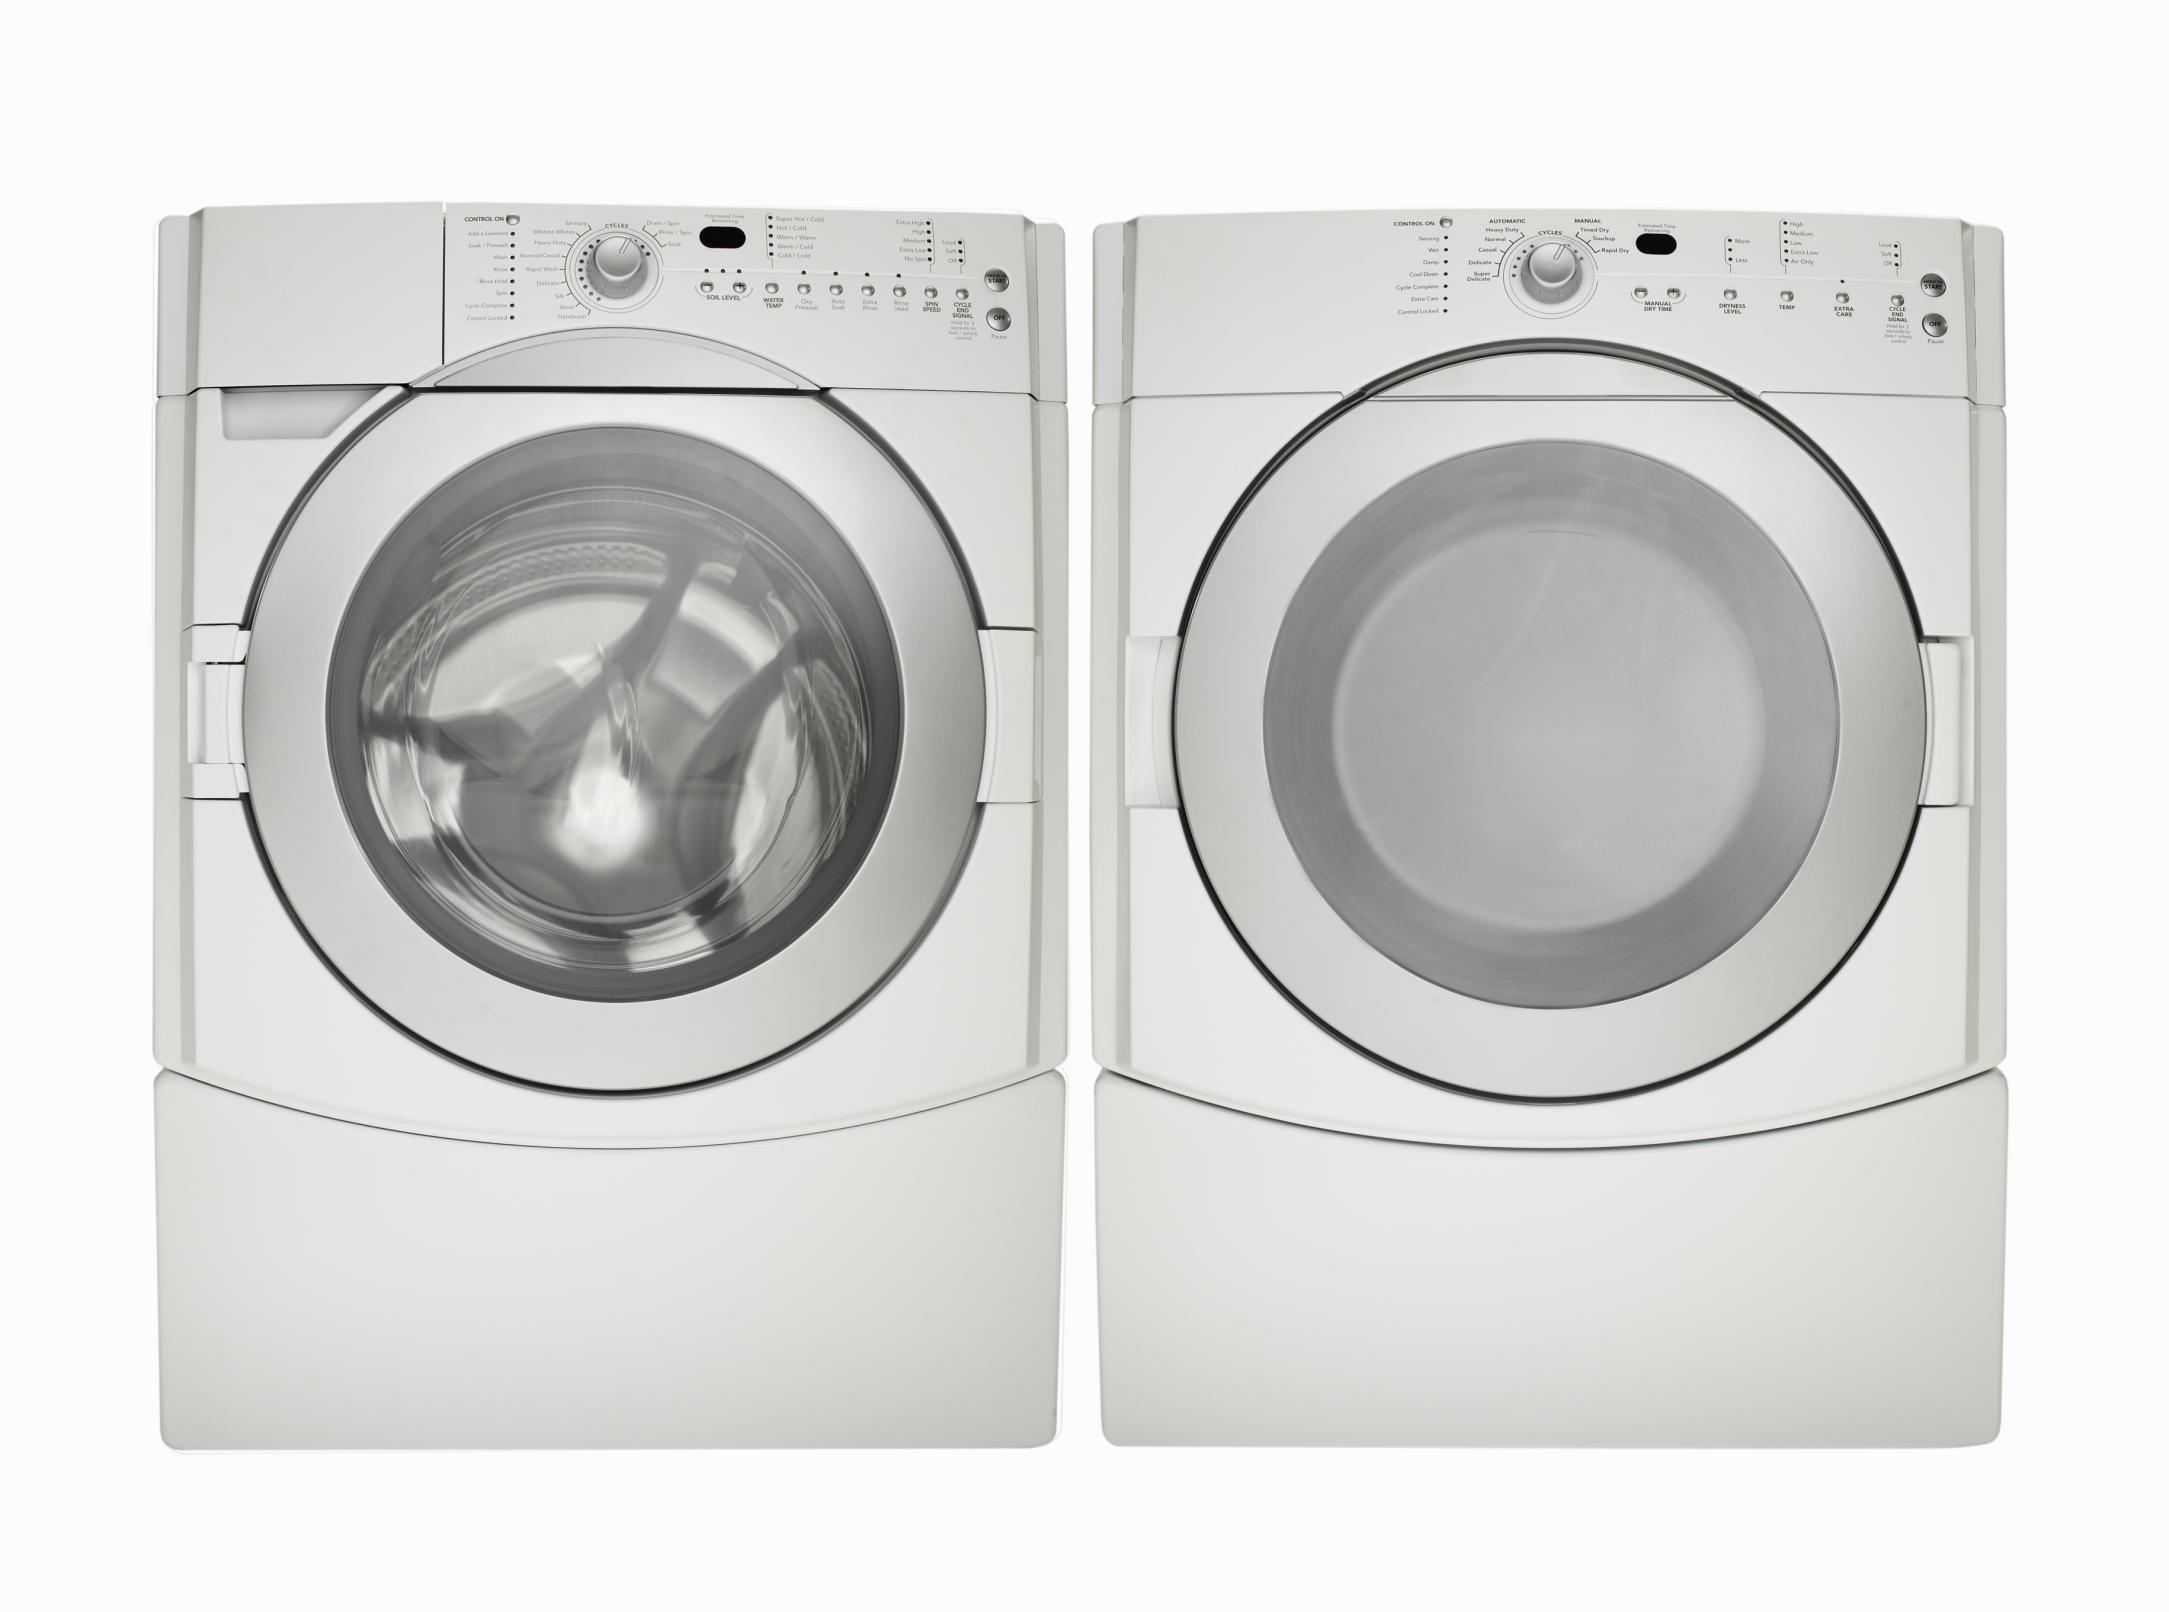 Códigos de error de la secadora Whirlpool Duet |